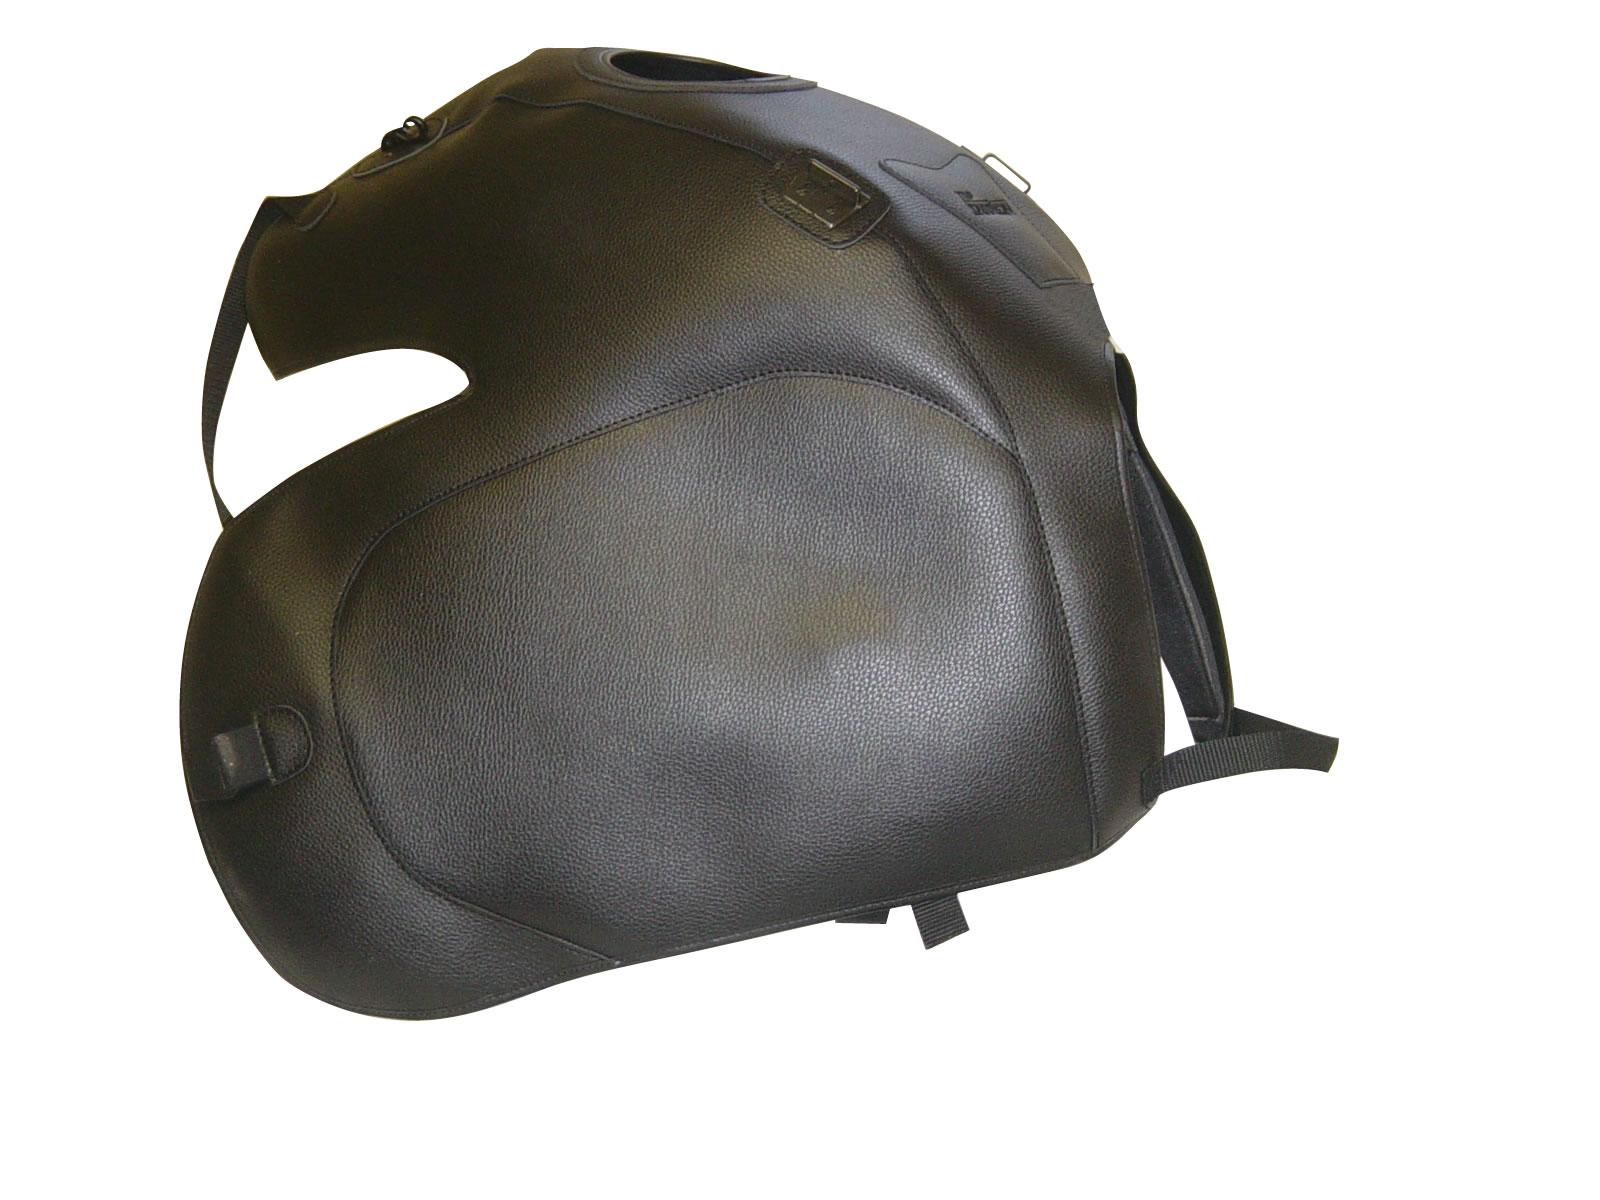 Tapis protège-réservoir TPR2717 - HONDA VARADERO XL 1000 V [≥ 2007]